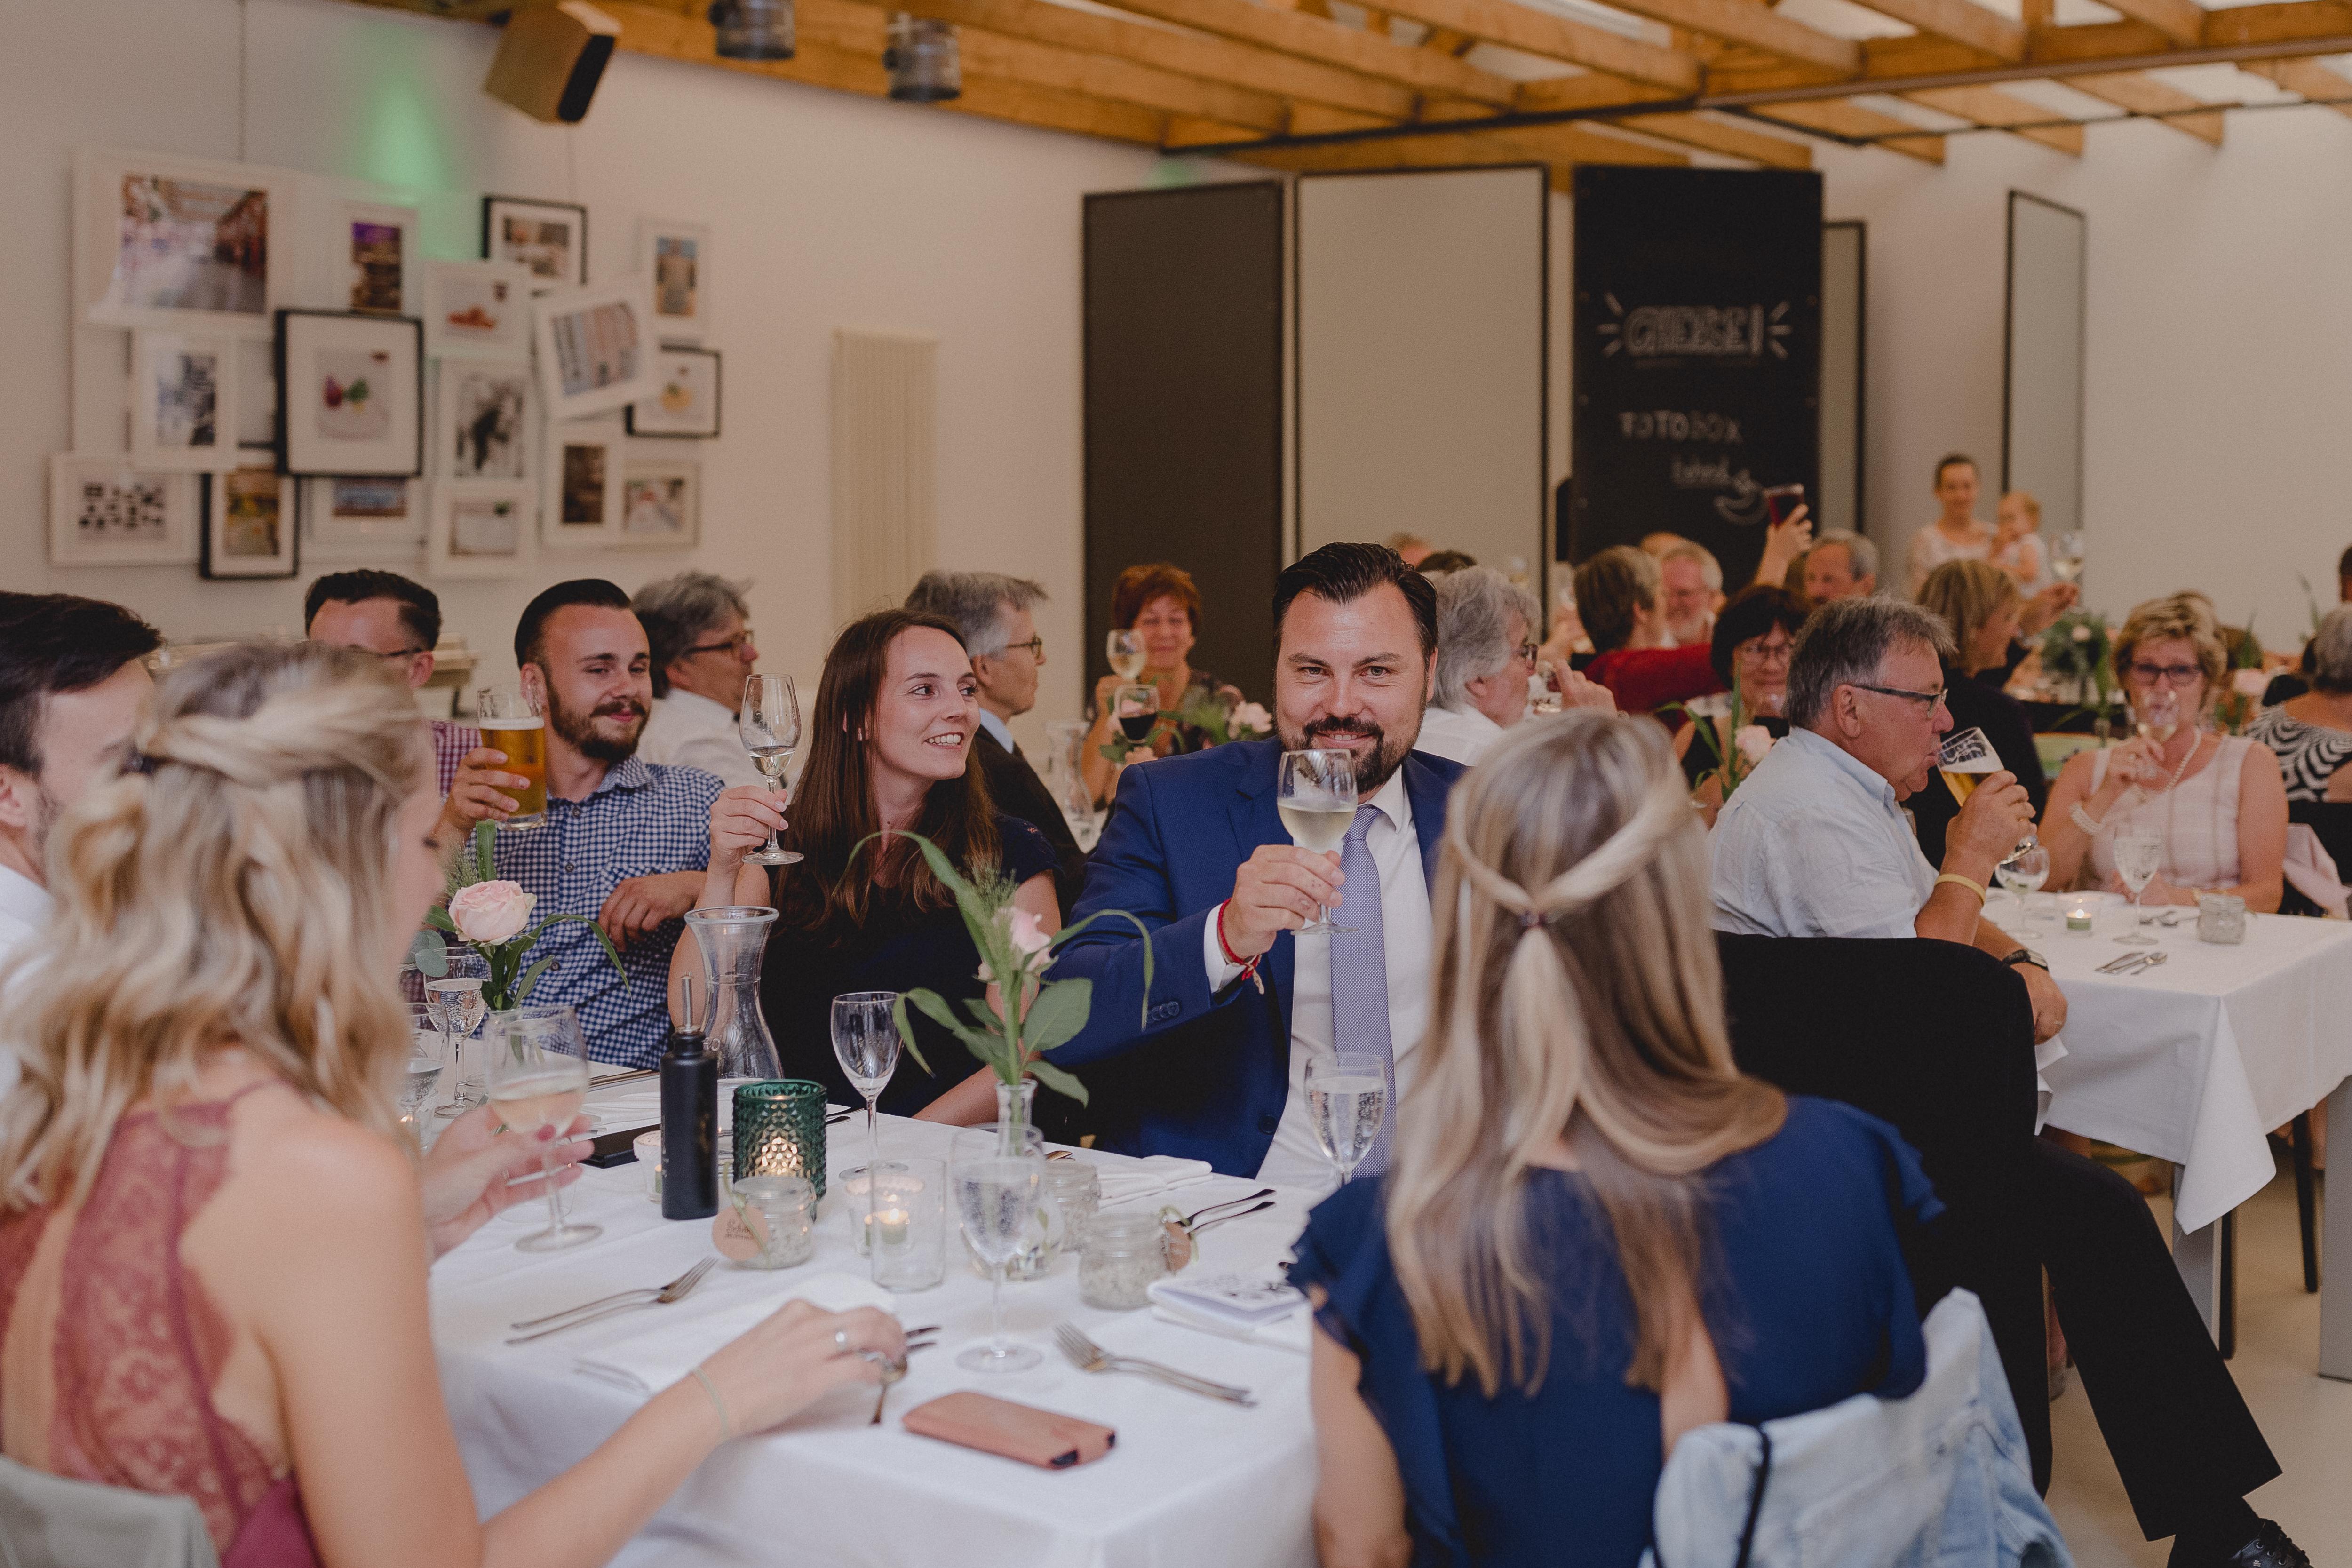 URBANERIE_Daniela_Goth_Vintage_Hochzeitsfotografin_Nuernberg_Fuerth_Erlangen_180609_0873